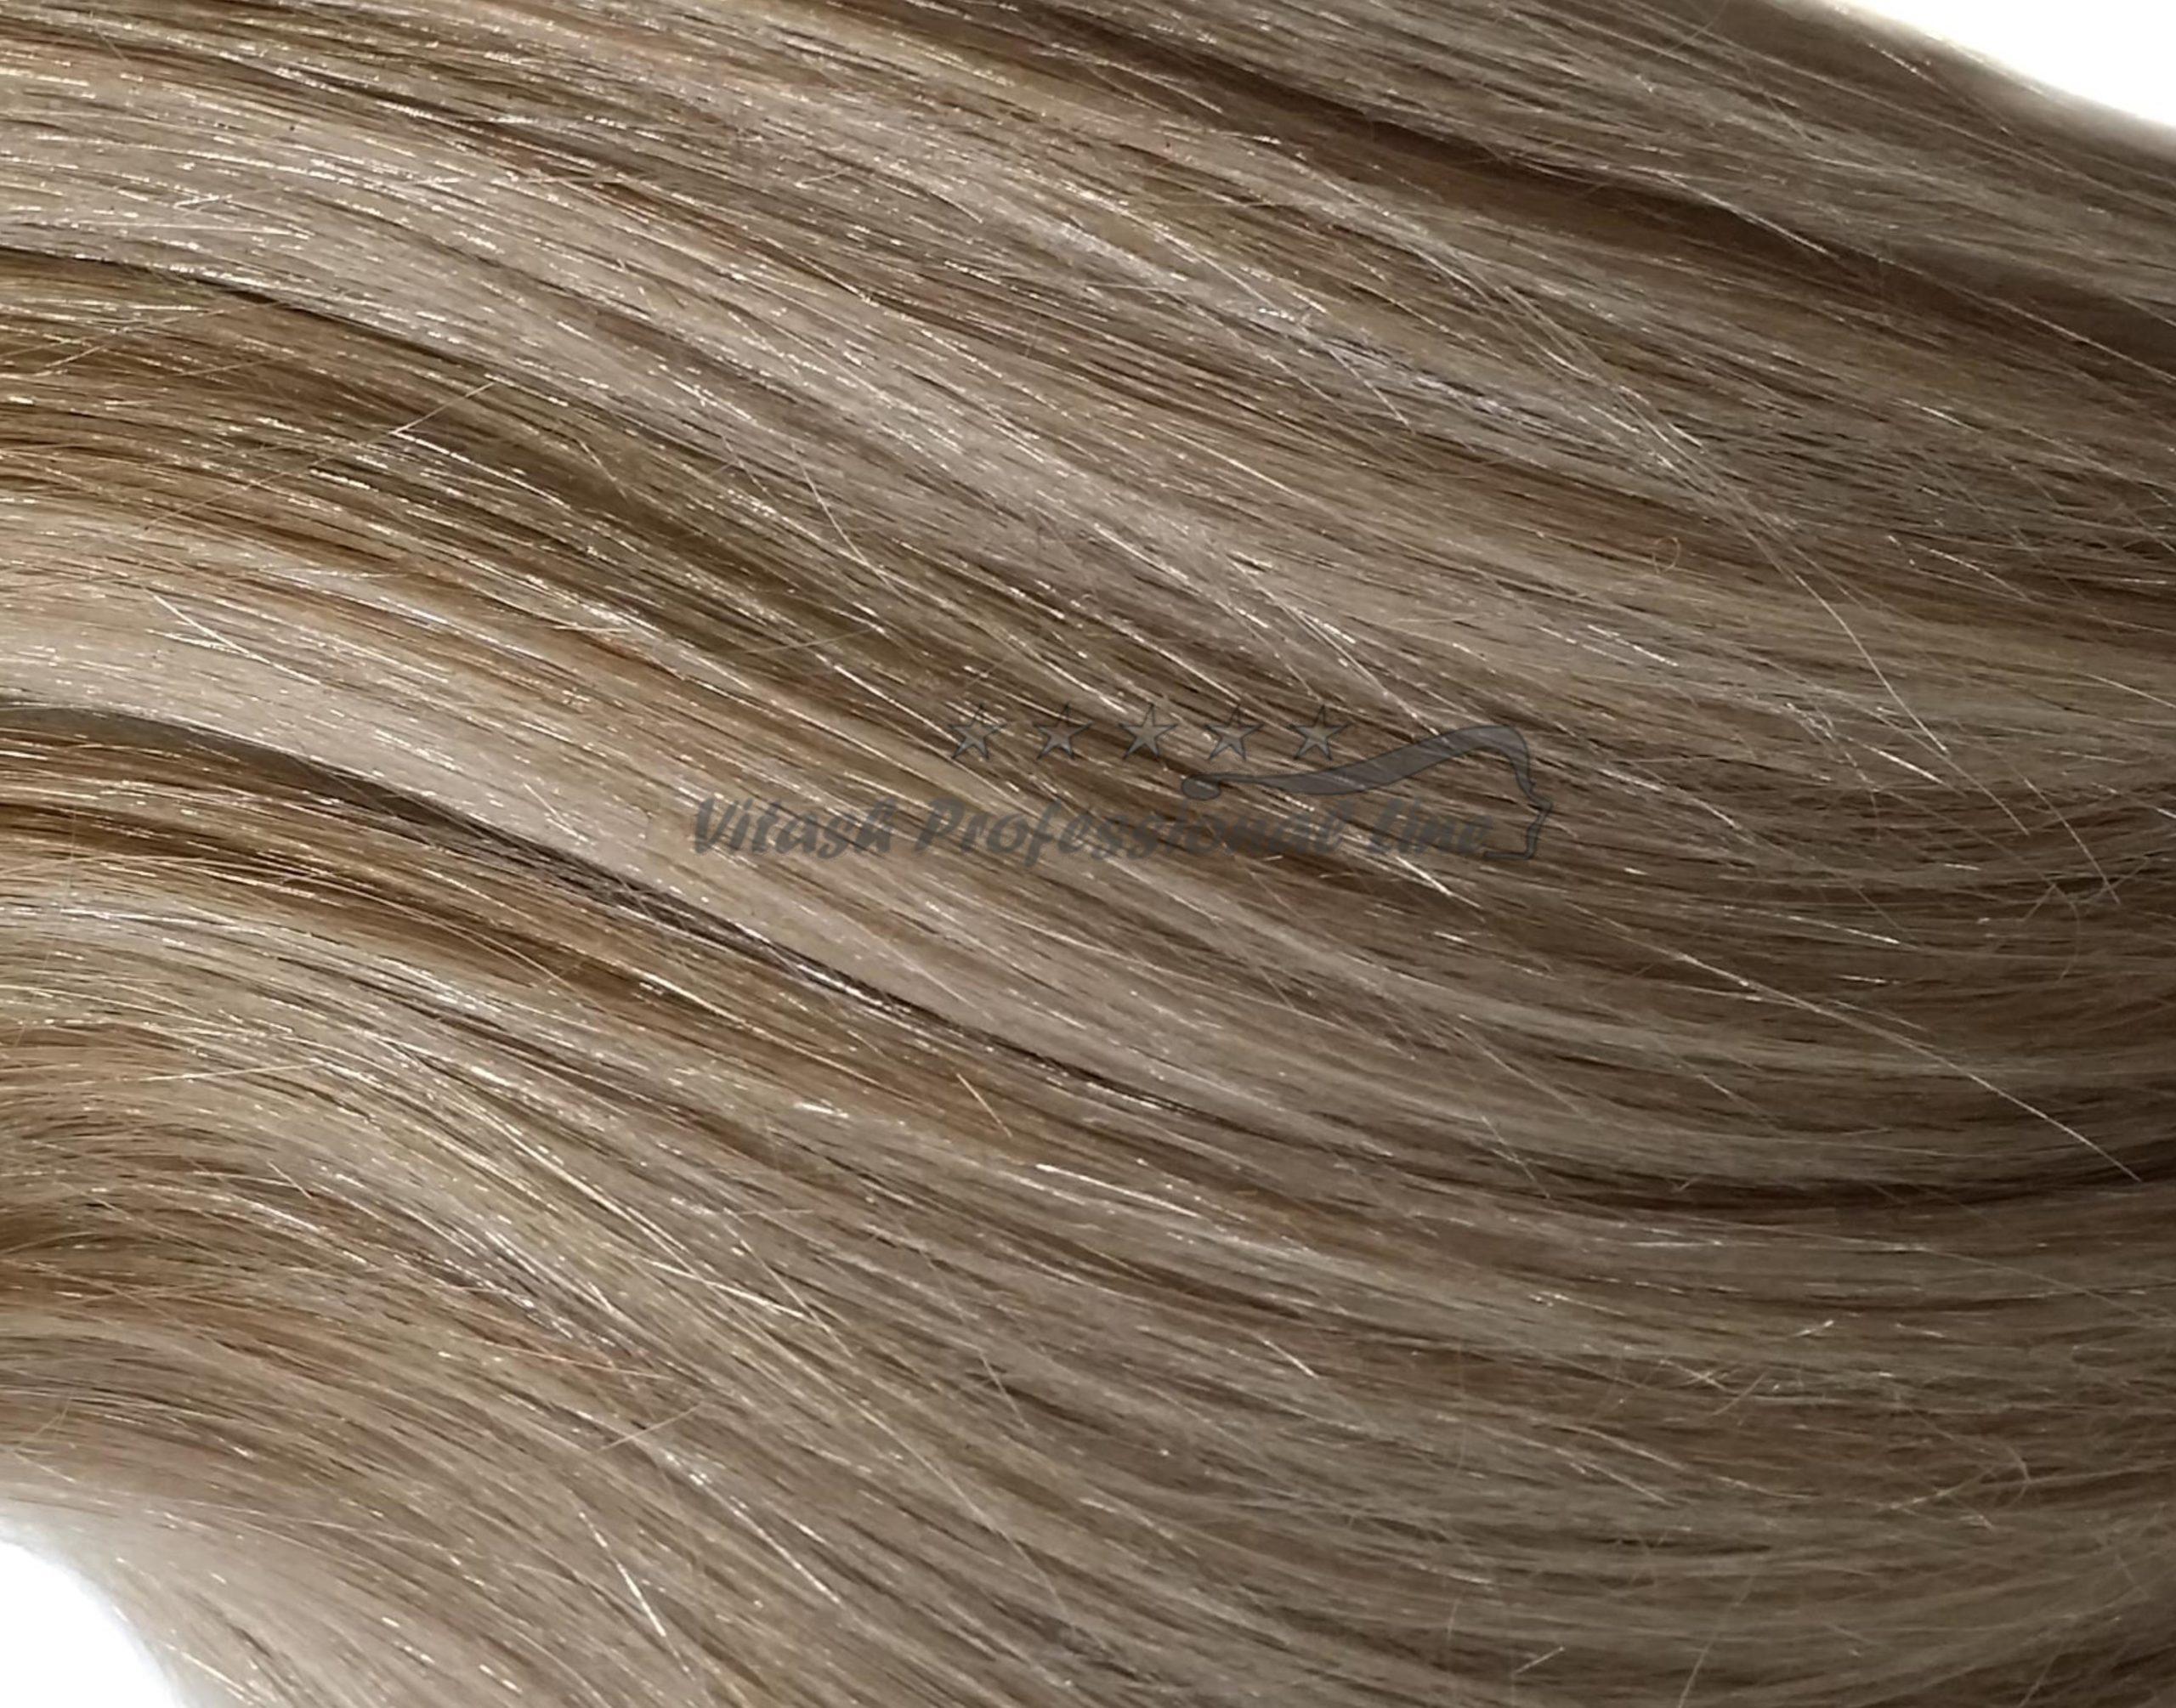 25 REMY indische Echthaar Strähnen leicht gewellt - 0,8 Gramm pro Strähne #22- hellaschblond